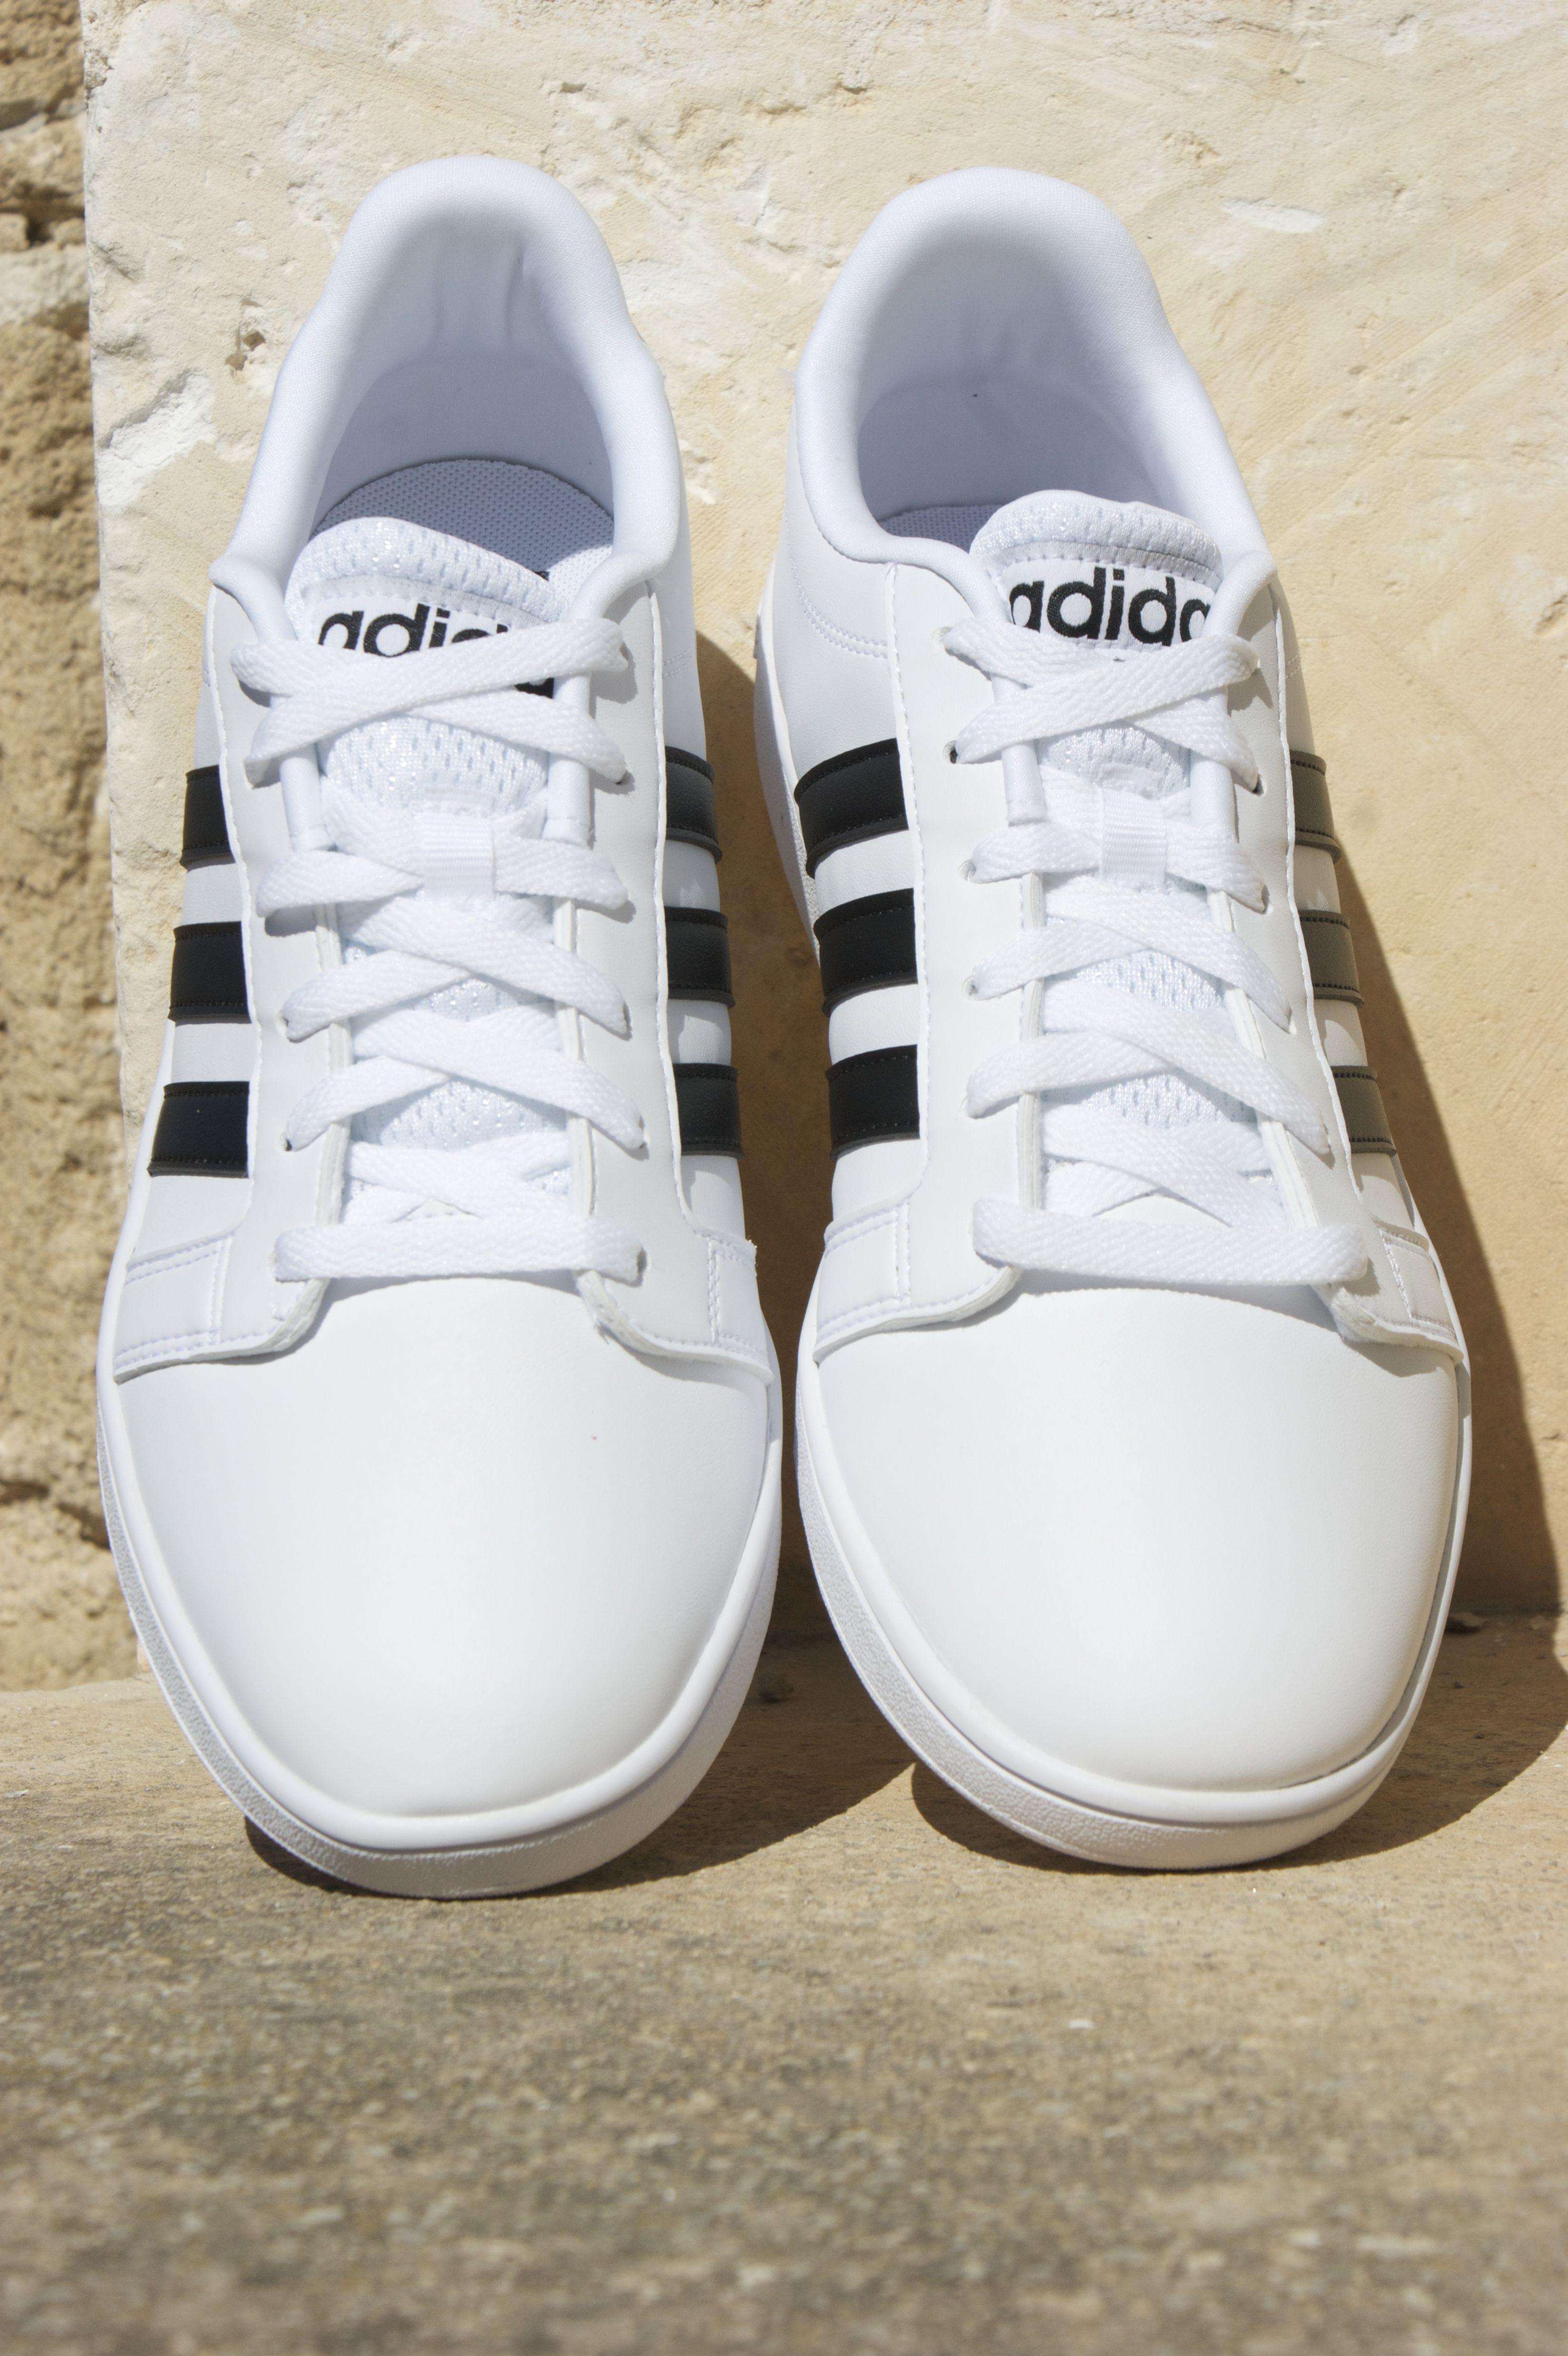 #Deichmann #Adidas #Sneaker #Mallorca #Shooting